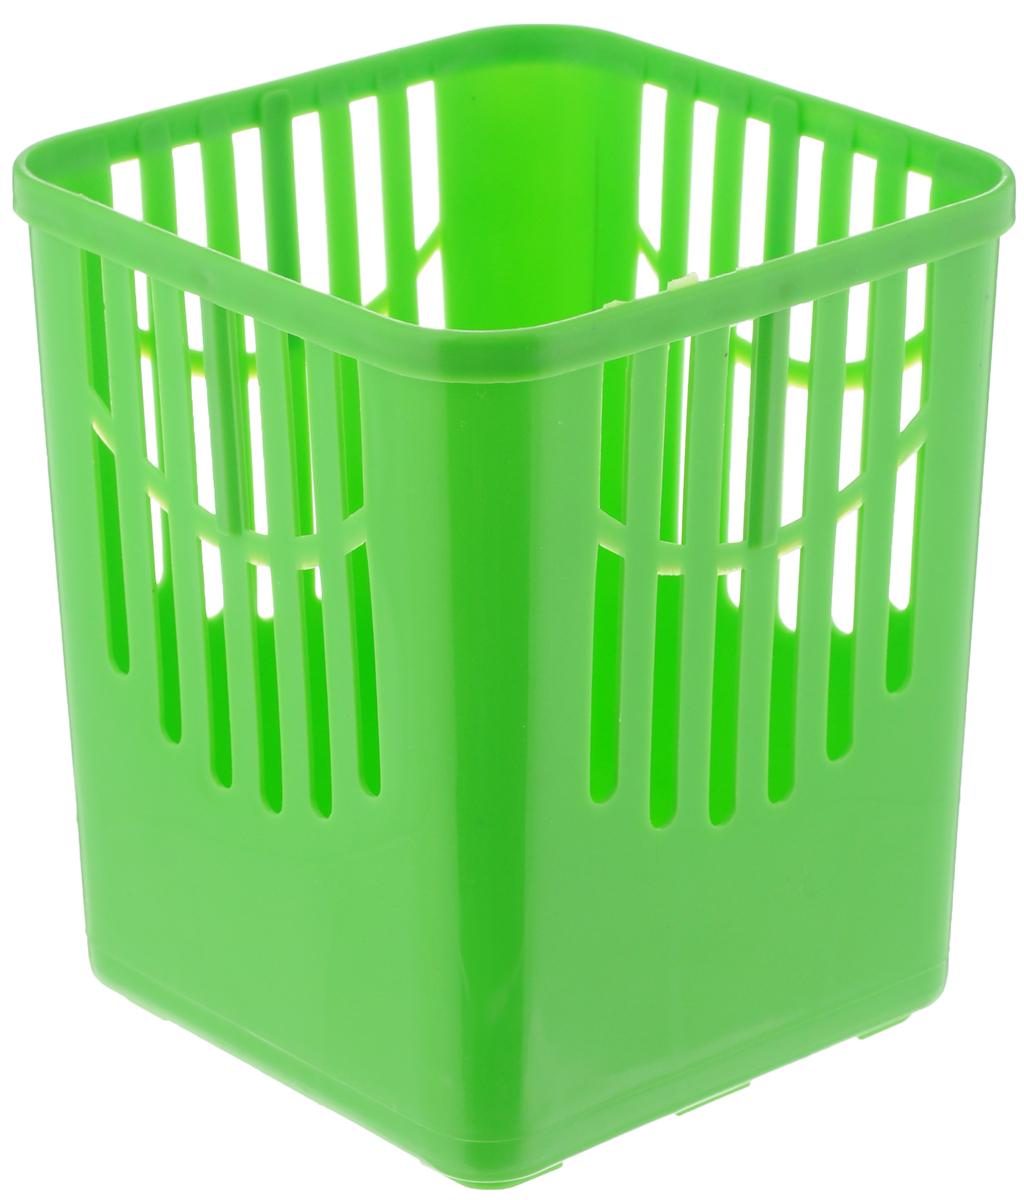 Подставка для столовых приборов Axentia, цвет: салатовый, 10,5 х 10,5 х 12,5 см232039_салатовыйПодставка для столовых приборов Axentia, выполненная из высококачественного пластика, станет полезным приобретением для вашей кухни. Она хорошо впишется в интерьер, не займет много места, а столовые приборы будут всегда под рукой.Размер подставки: 10,5 х 10,5 х 12,5 см.